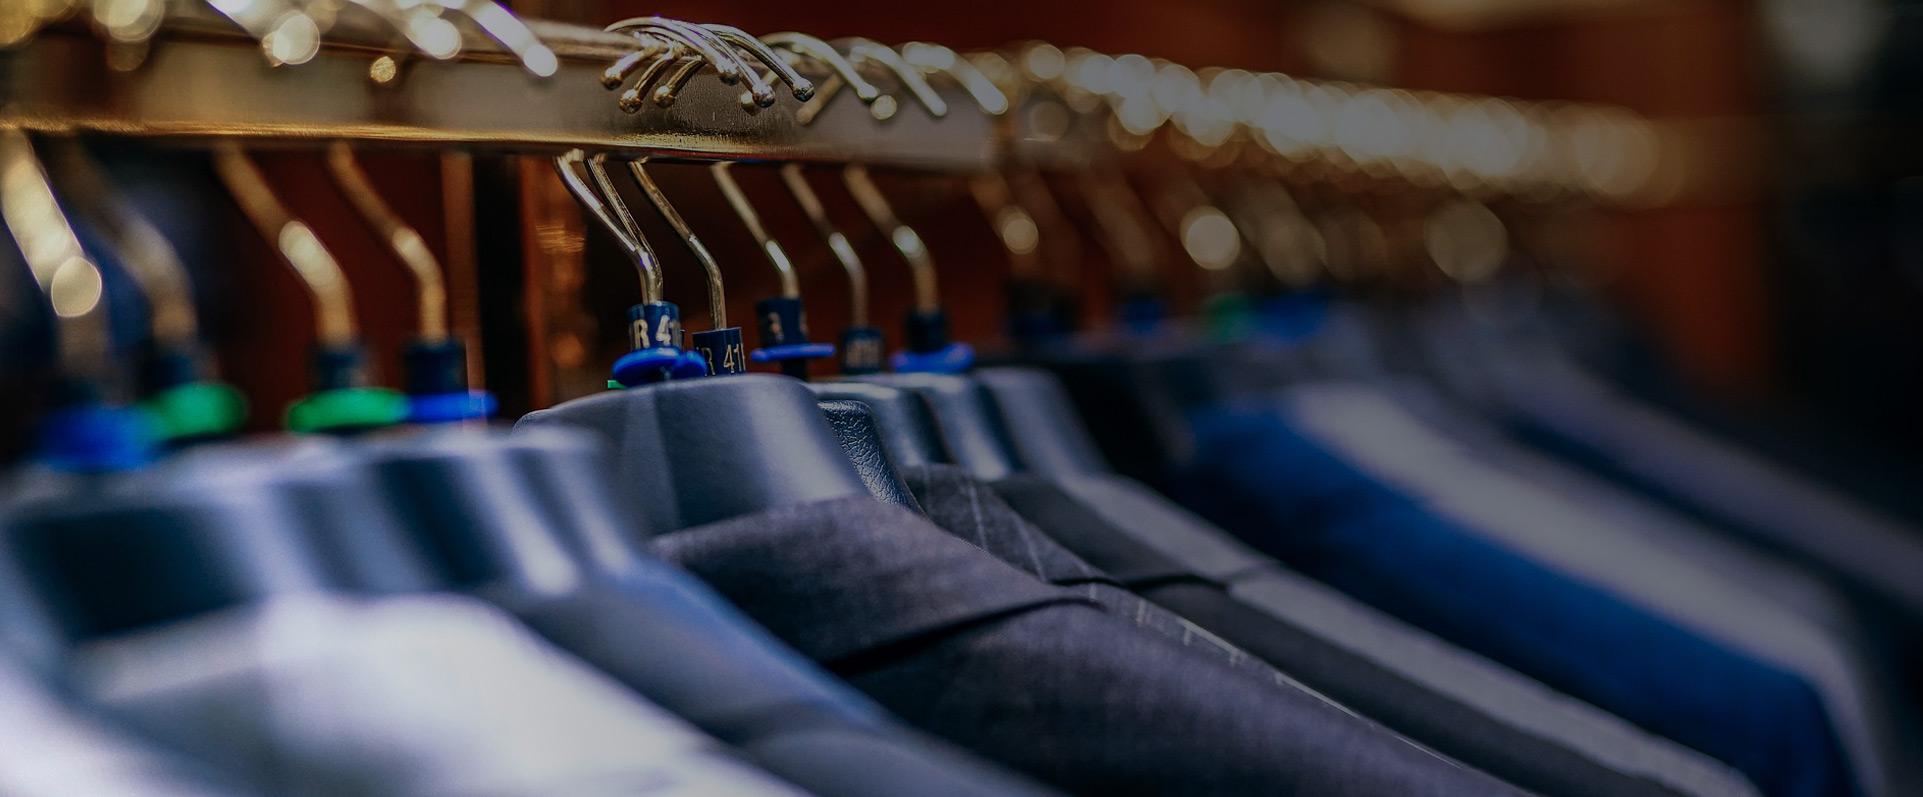 Hangers in men's suit shop